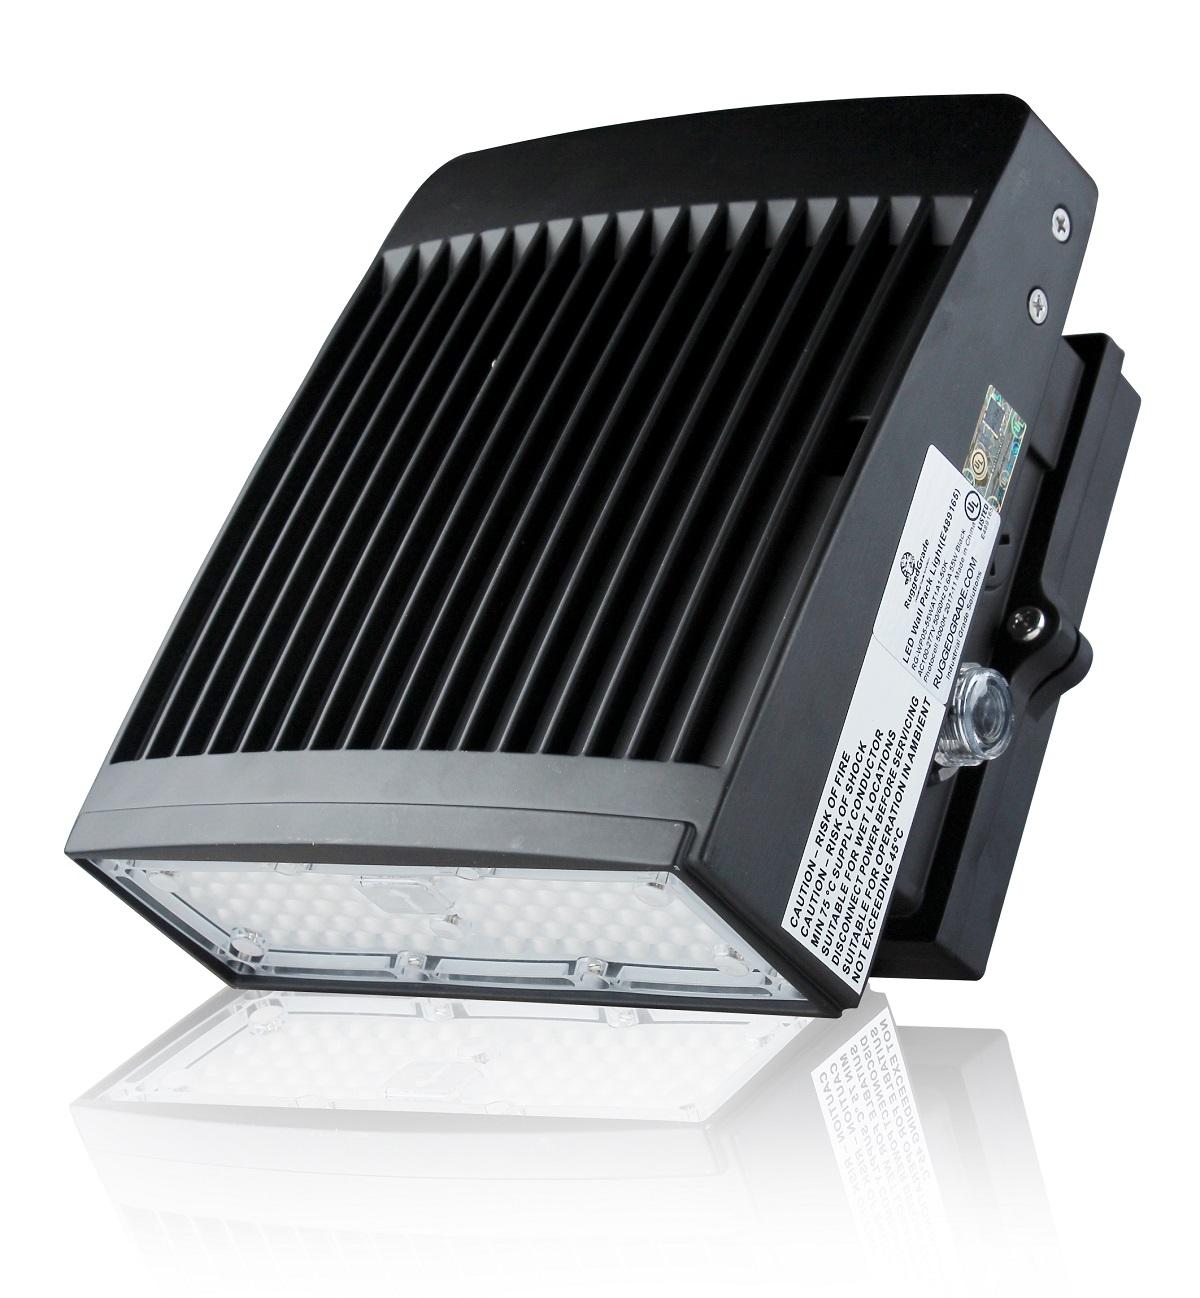 LED Light Expert